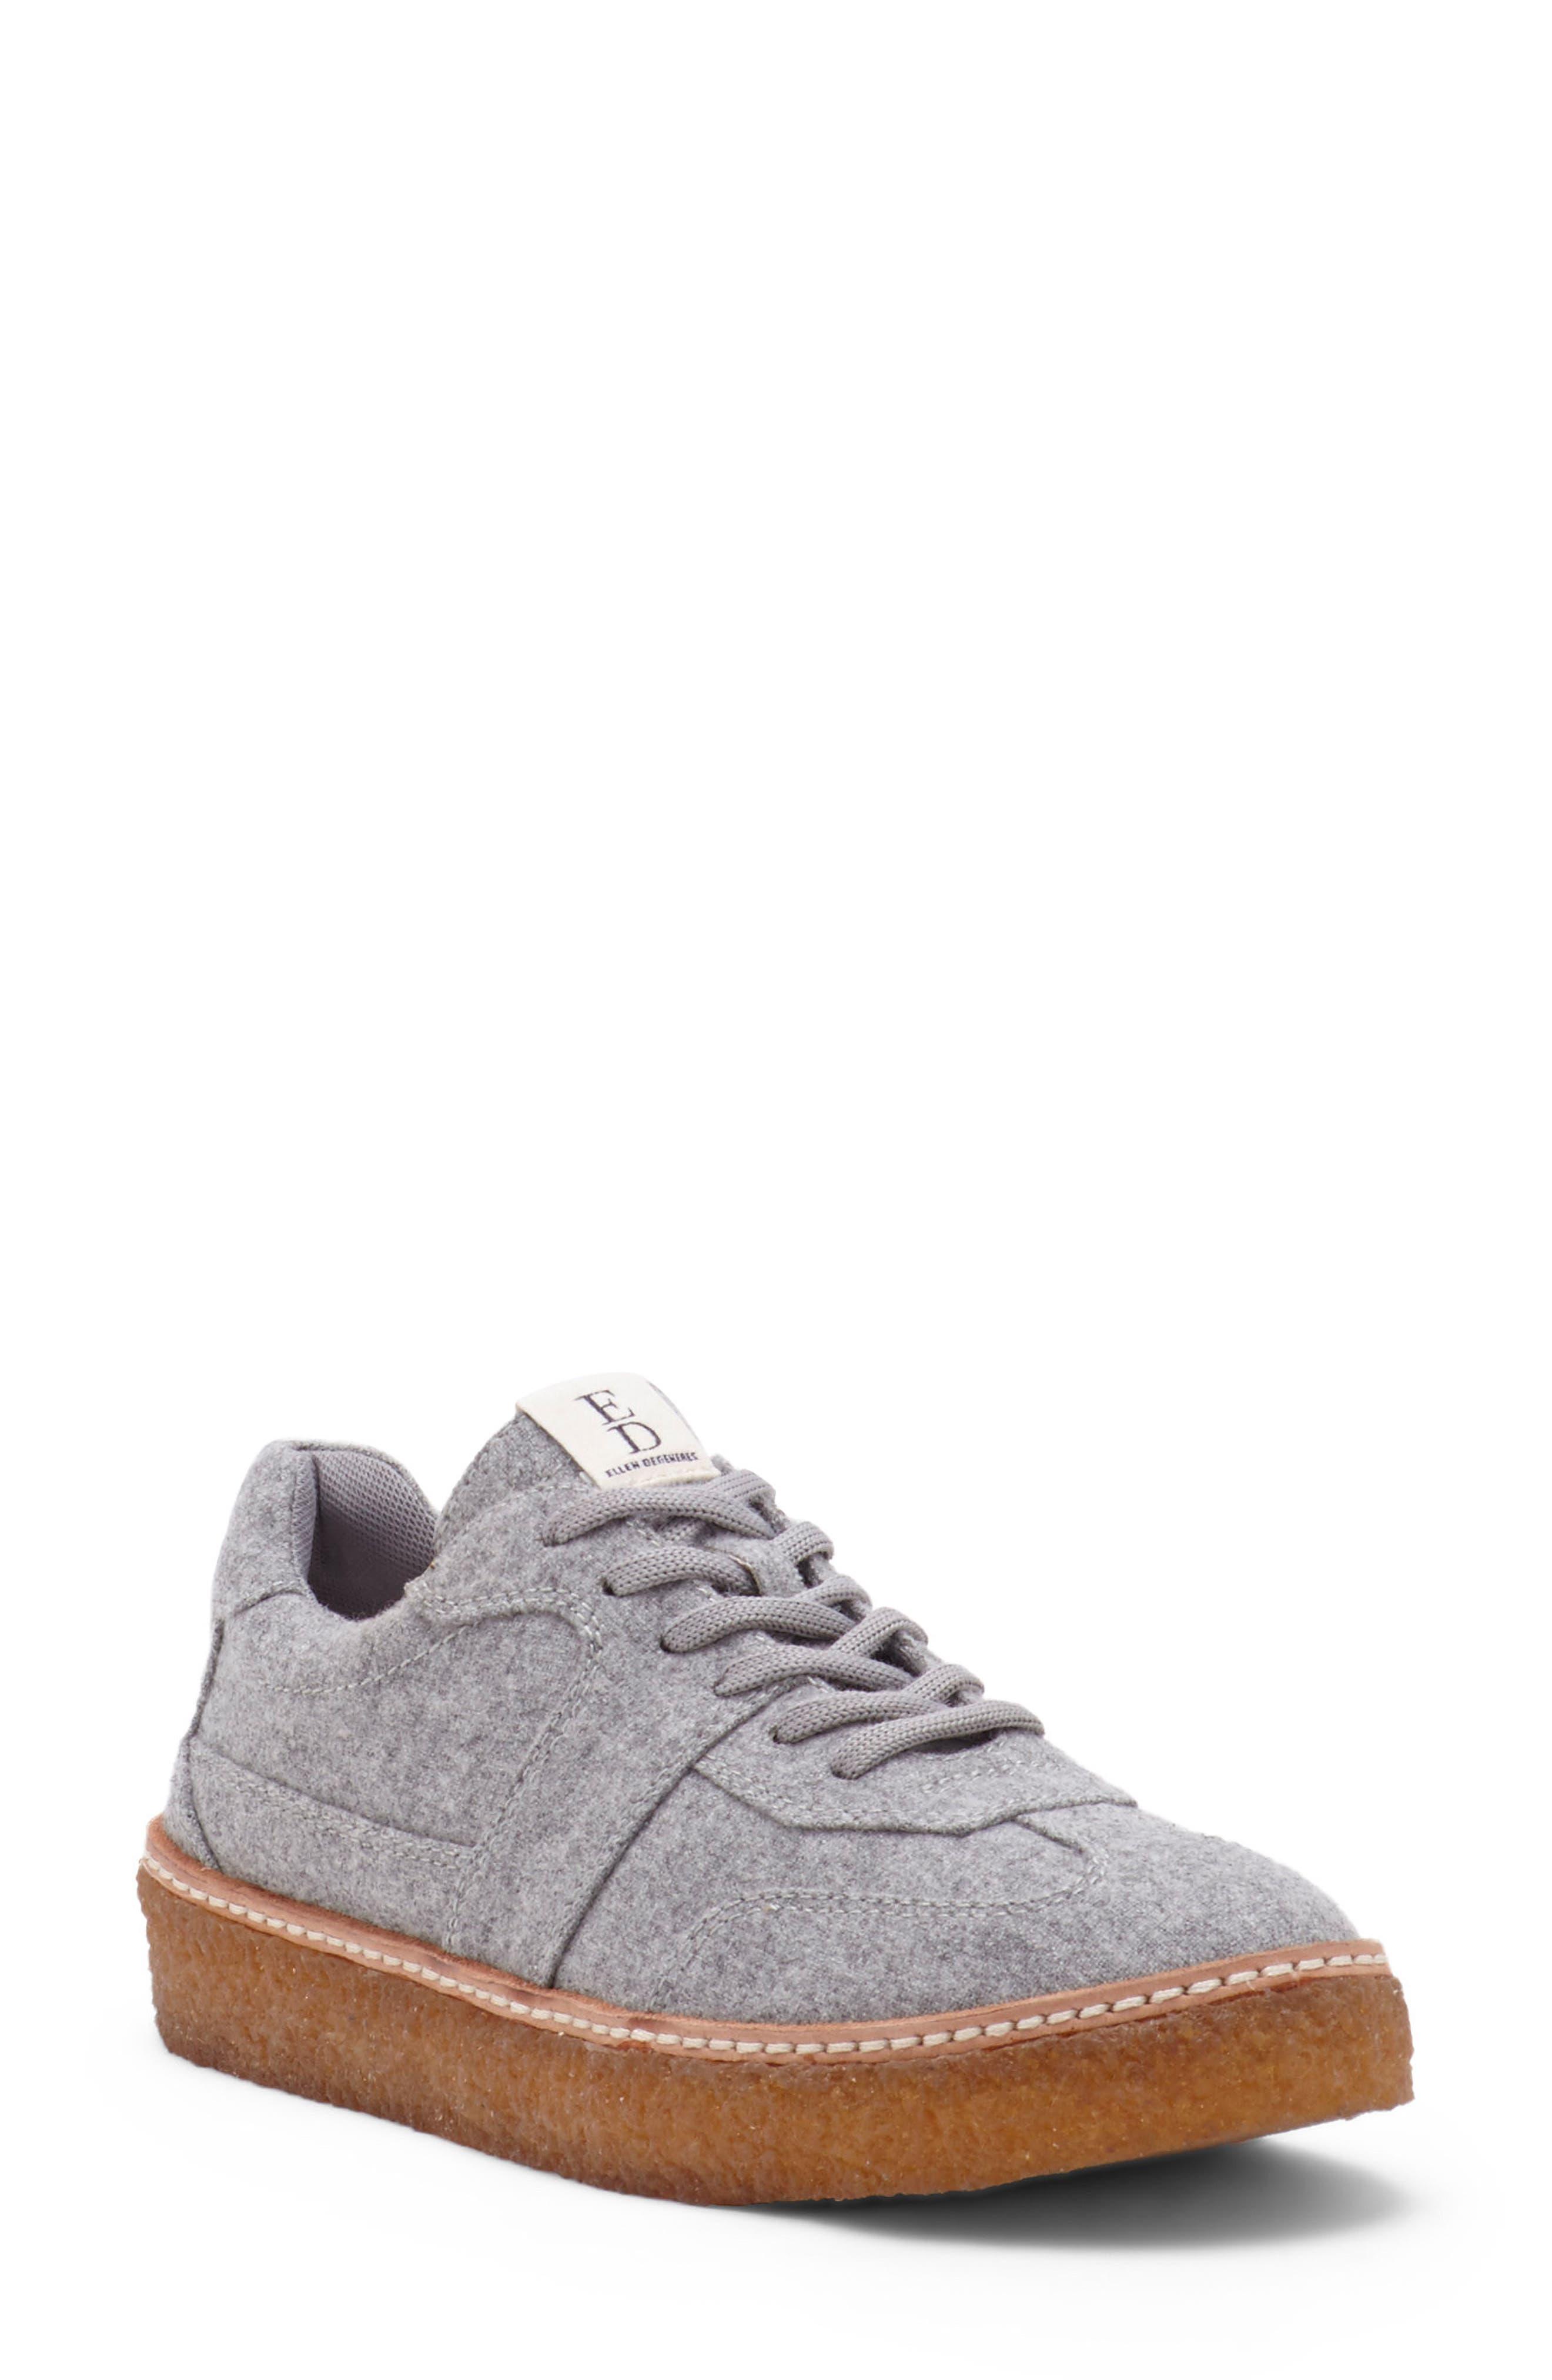 Danby Sneaker,                         Main,                         color, 022